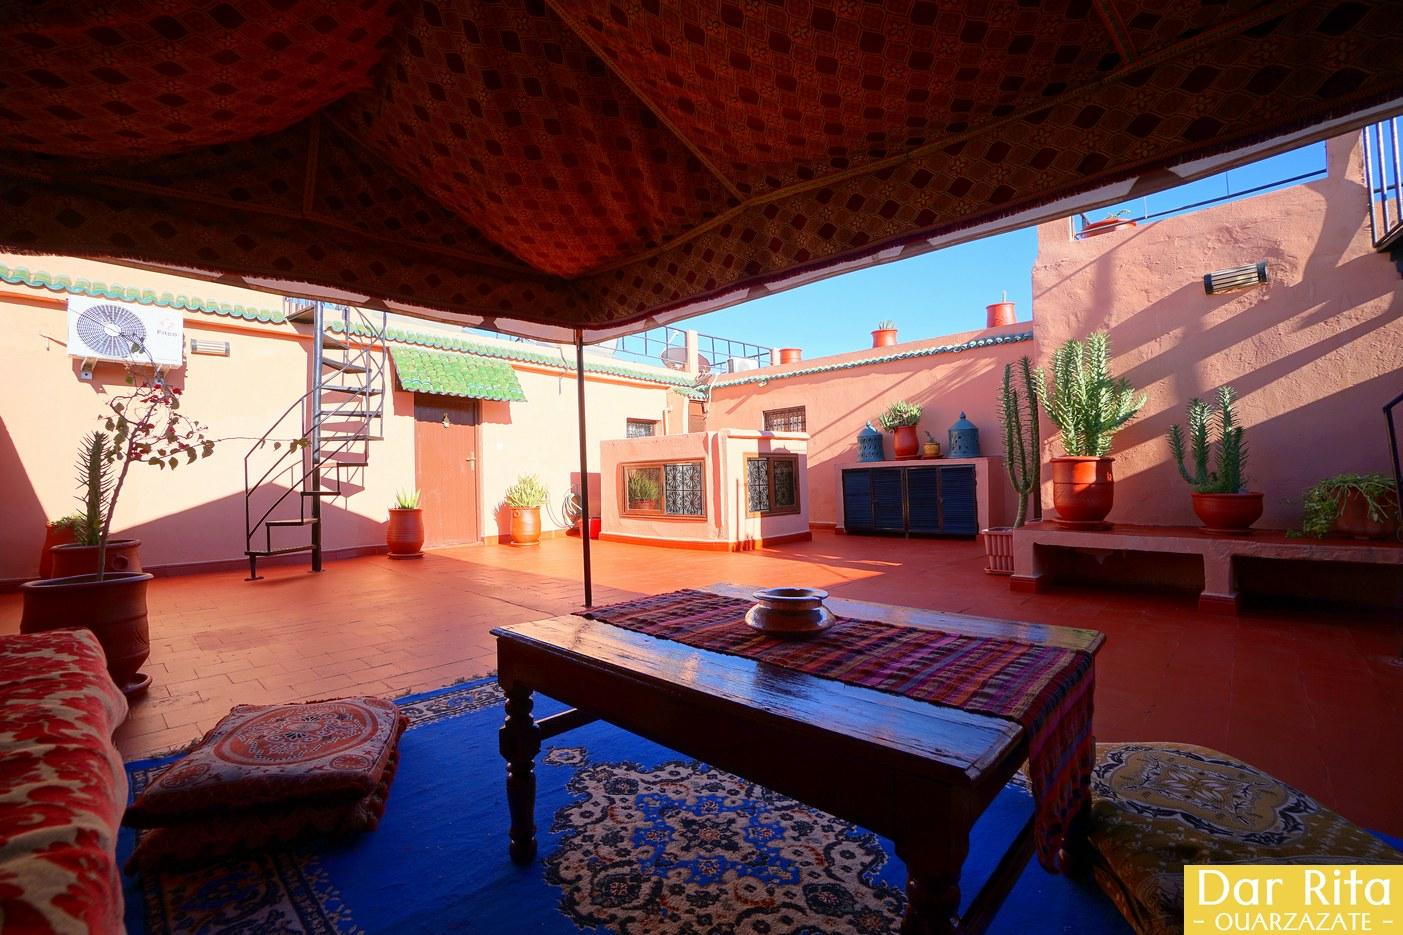 O meu hotel em Marrocos: Riad Dar Rita em Ouarzazate 4